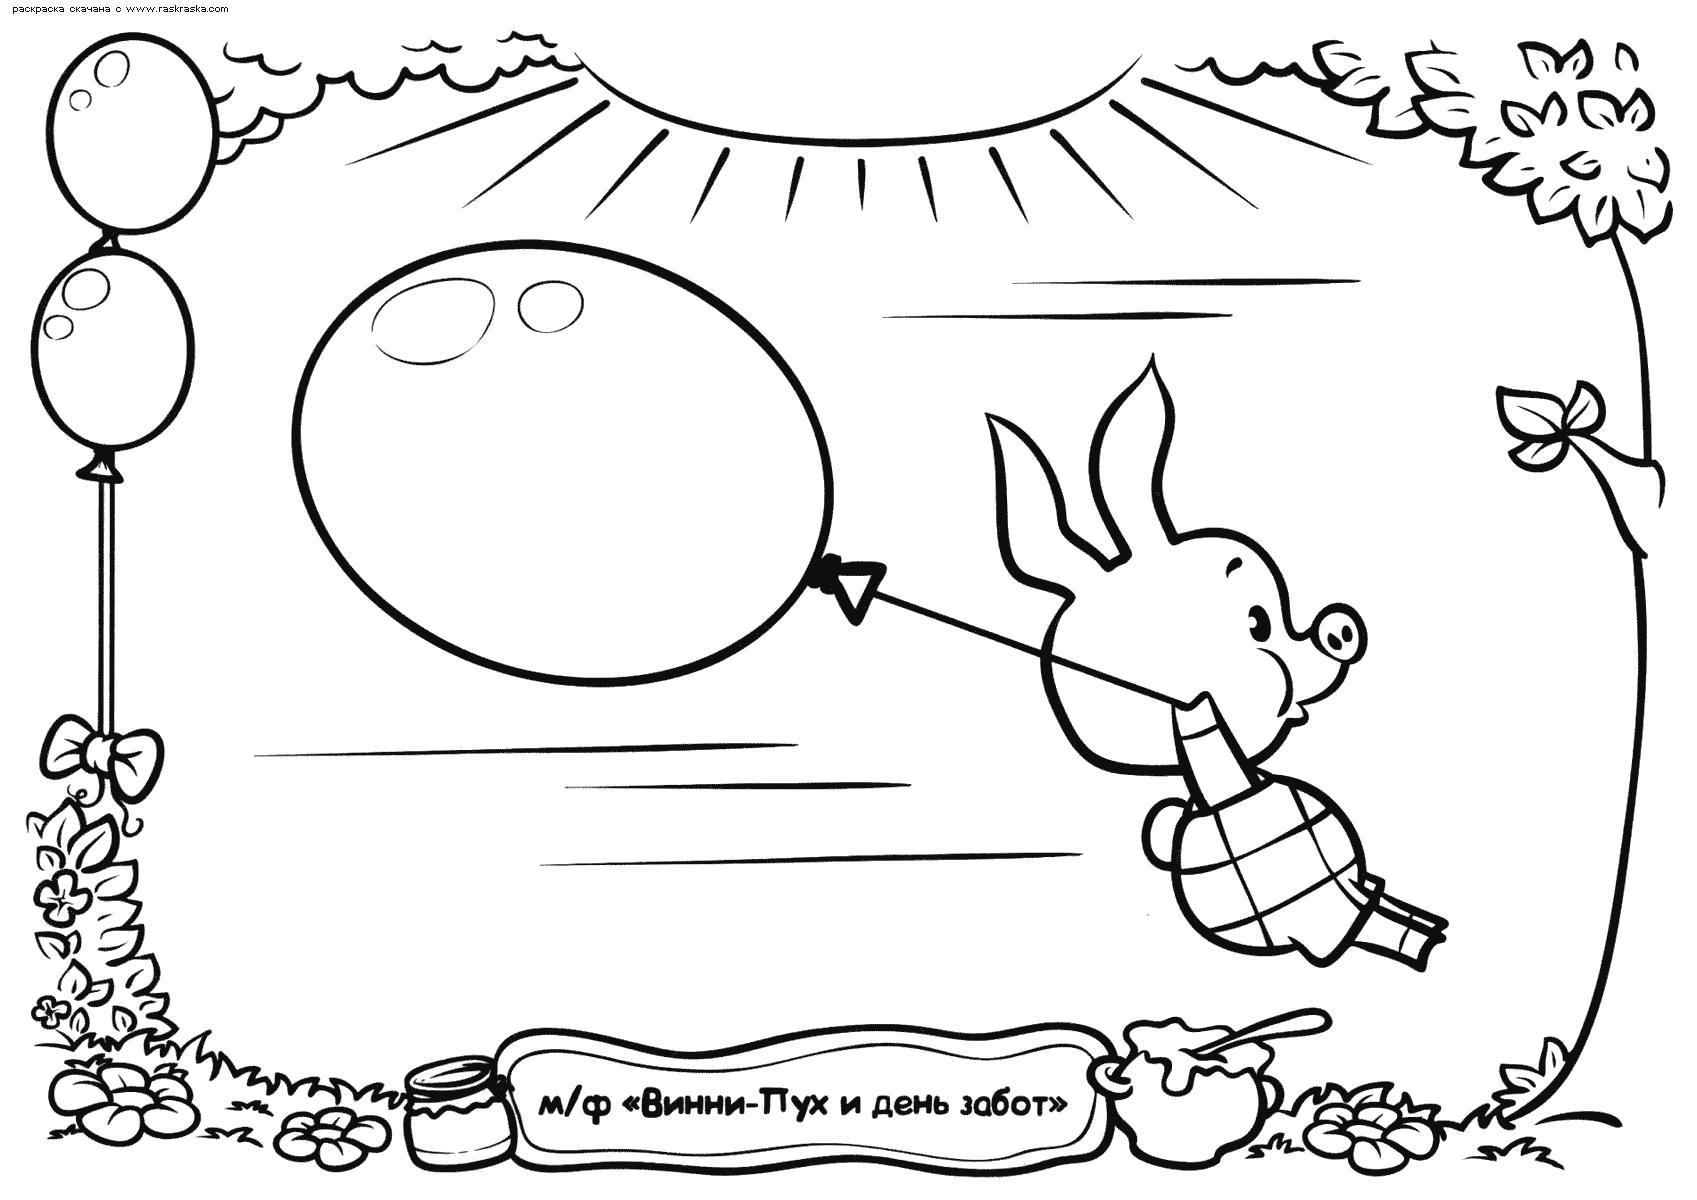 Раскраска  Поросенок бежит с шариком поздравить Иа с Днем рождения .  Пятачок летит на шаре . Скачать Пятачок.  Распечатать Пятачок